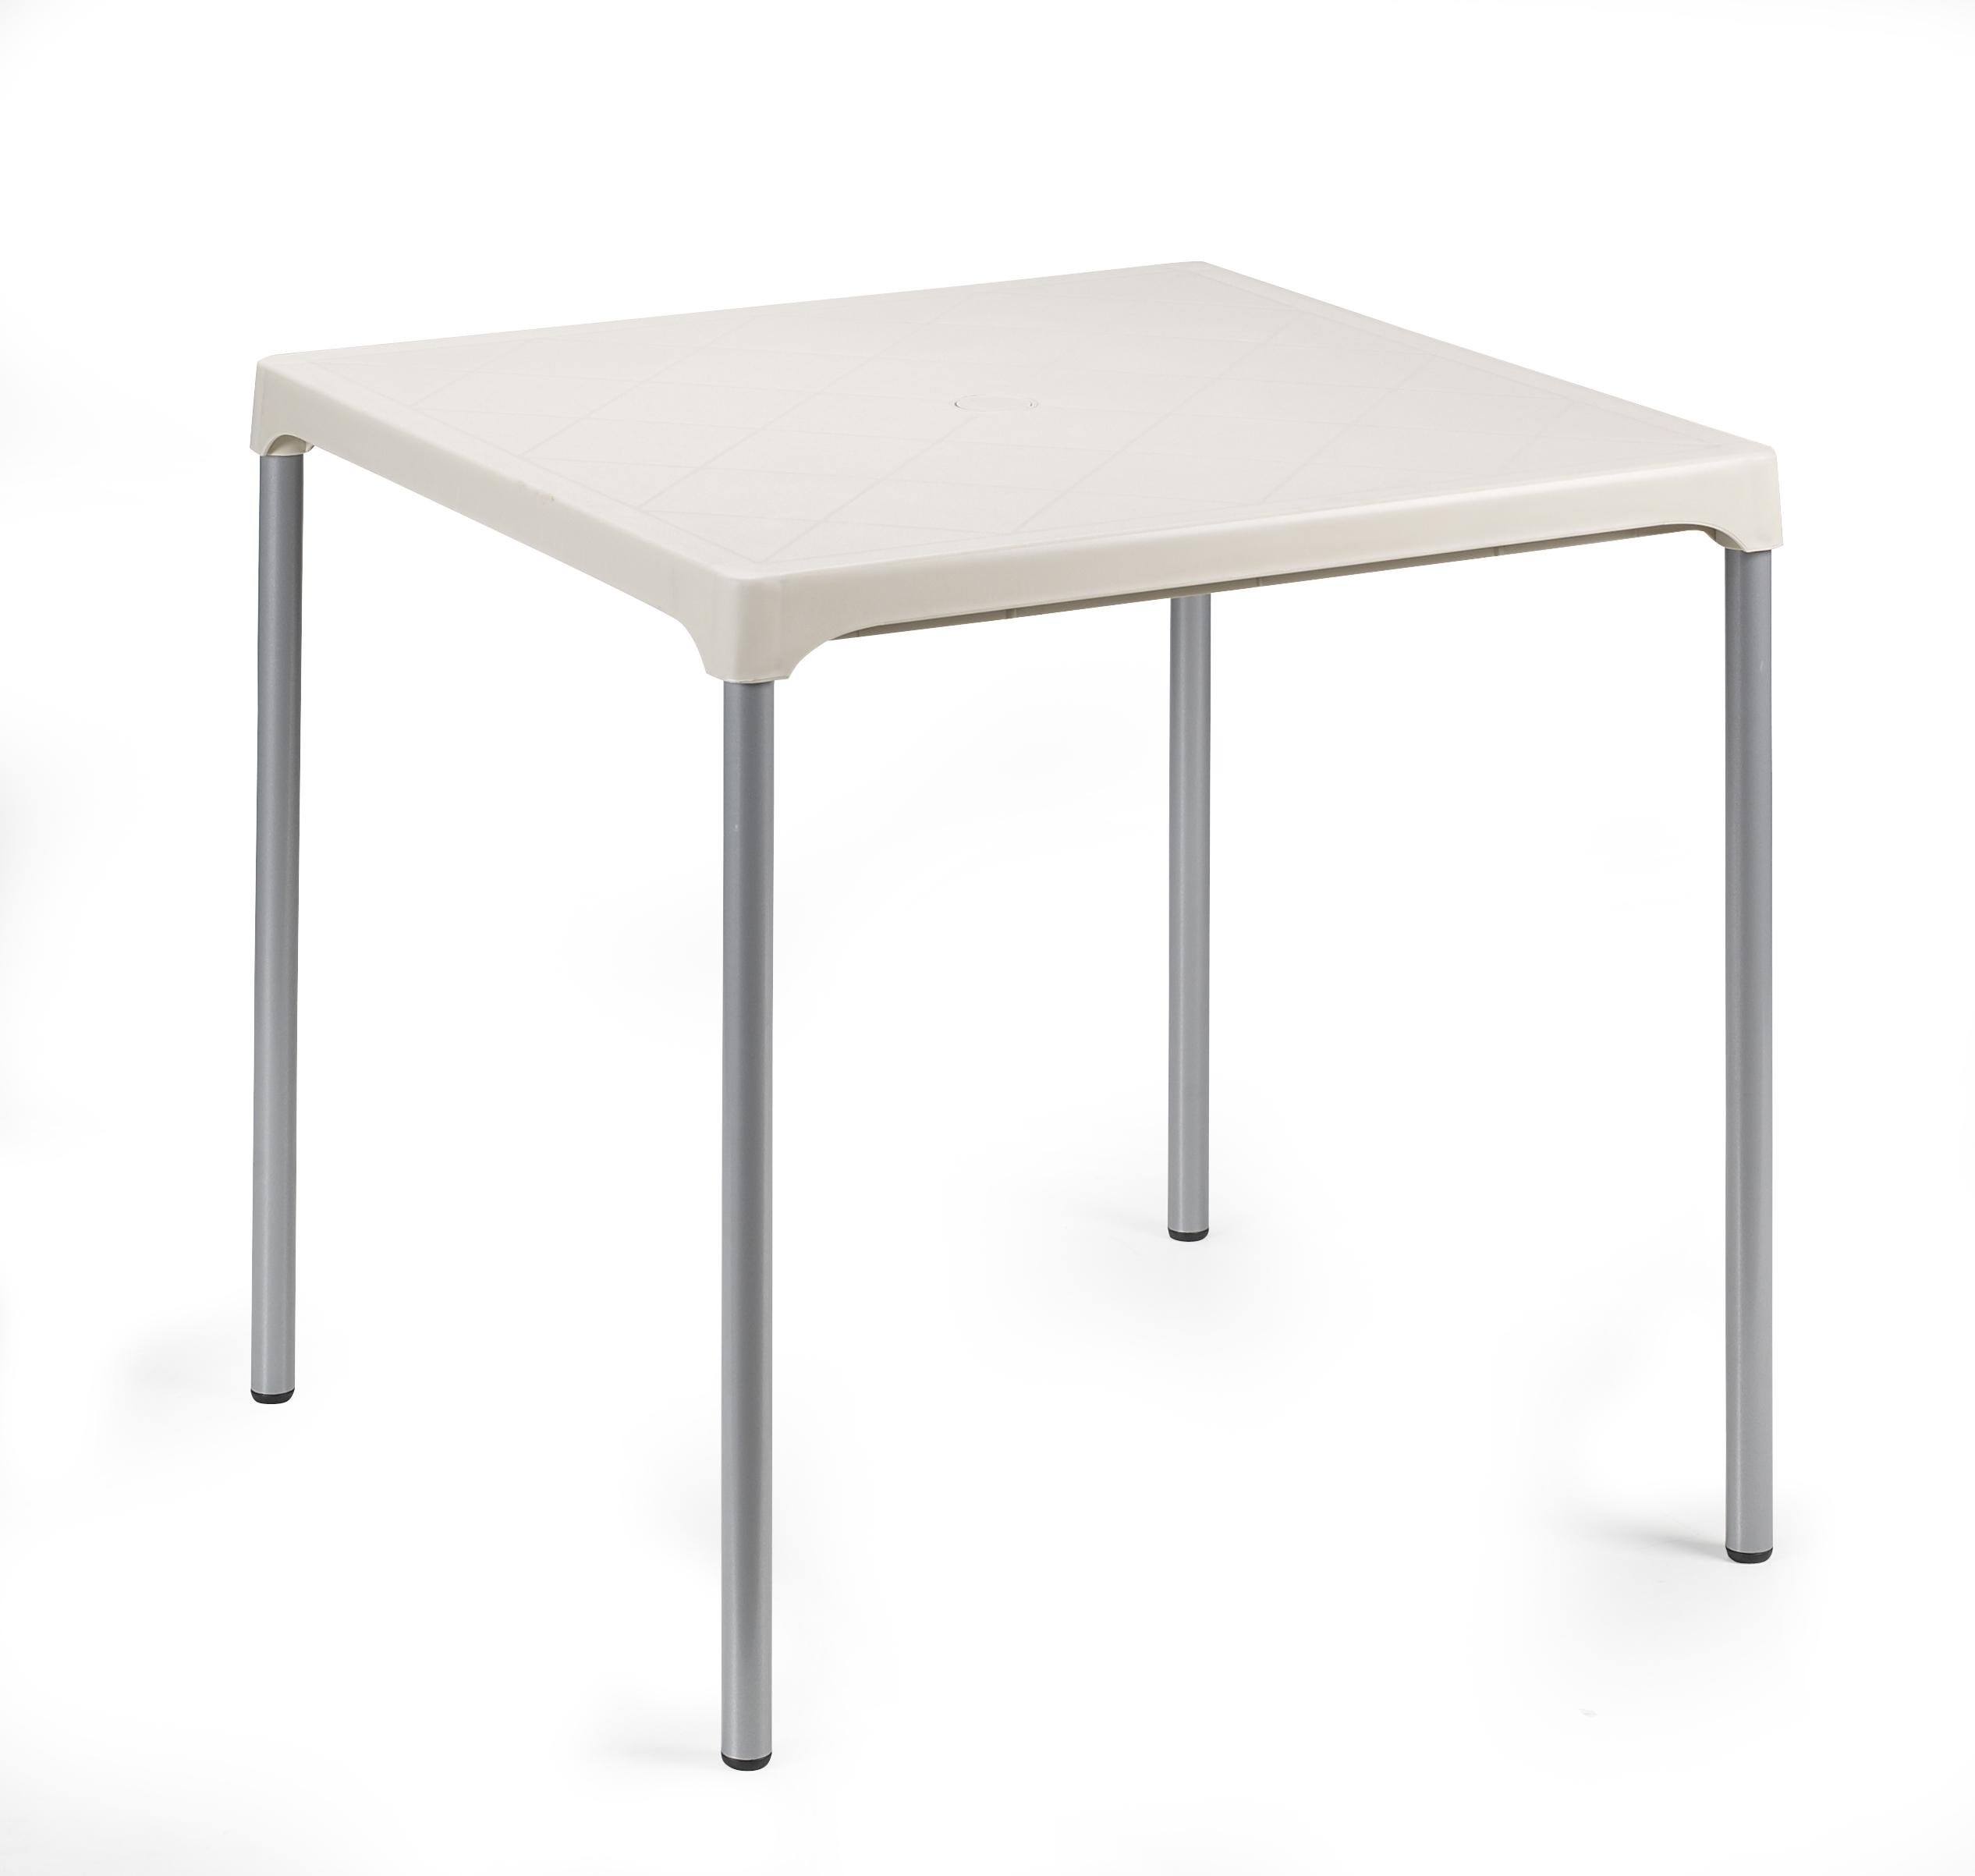 Ermes Alu Gartentisch 75x75cm Mit Kunststoffplatte Weiss